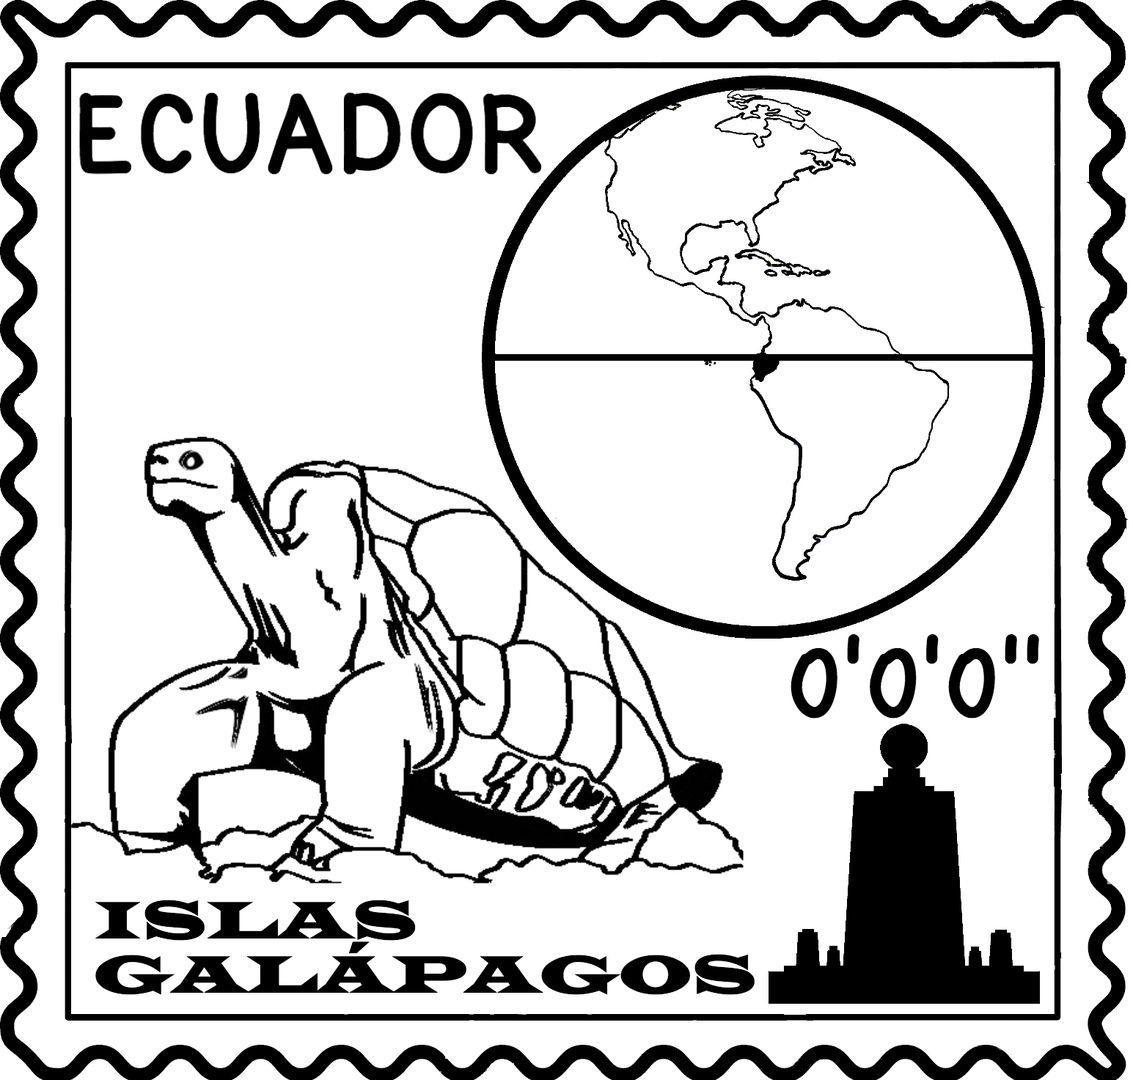 Ecuador Stamp Sello De Ecuador A Must Have For Spanish